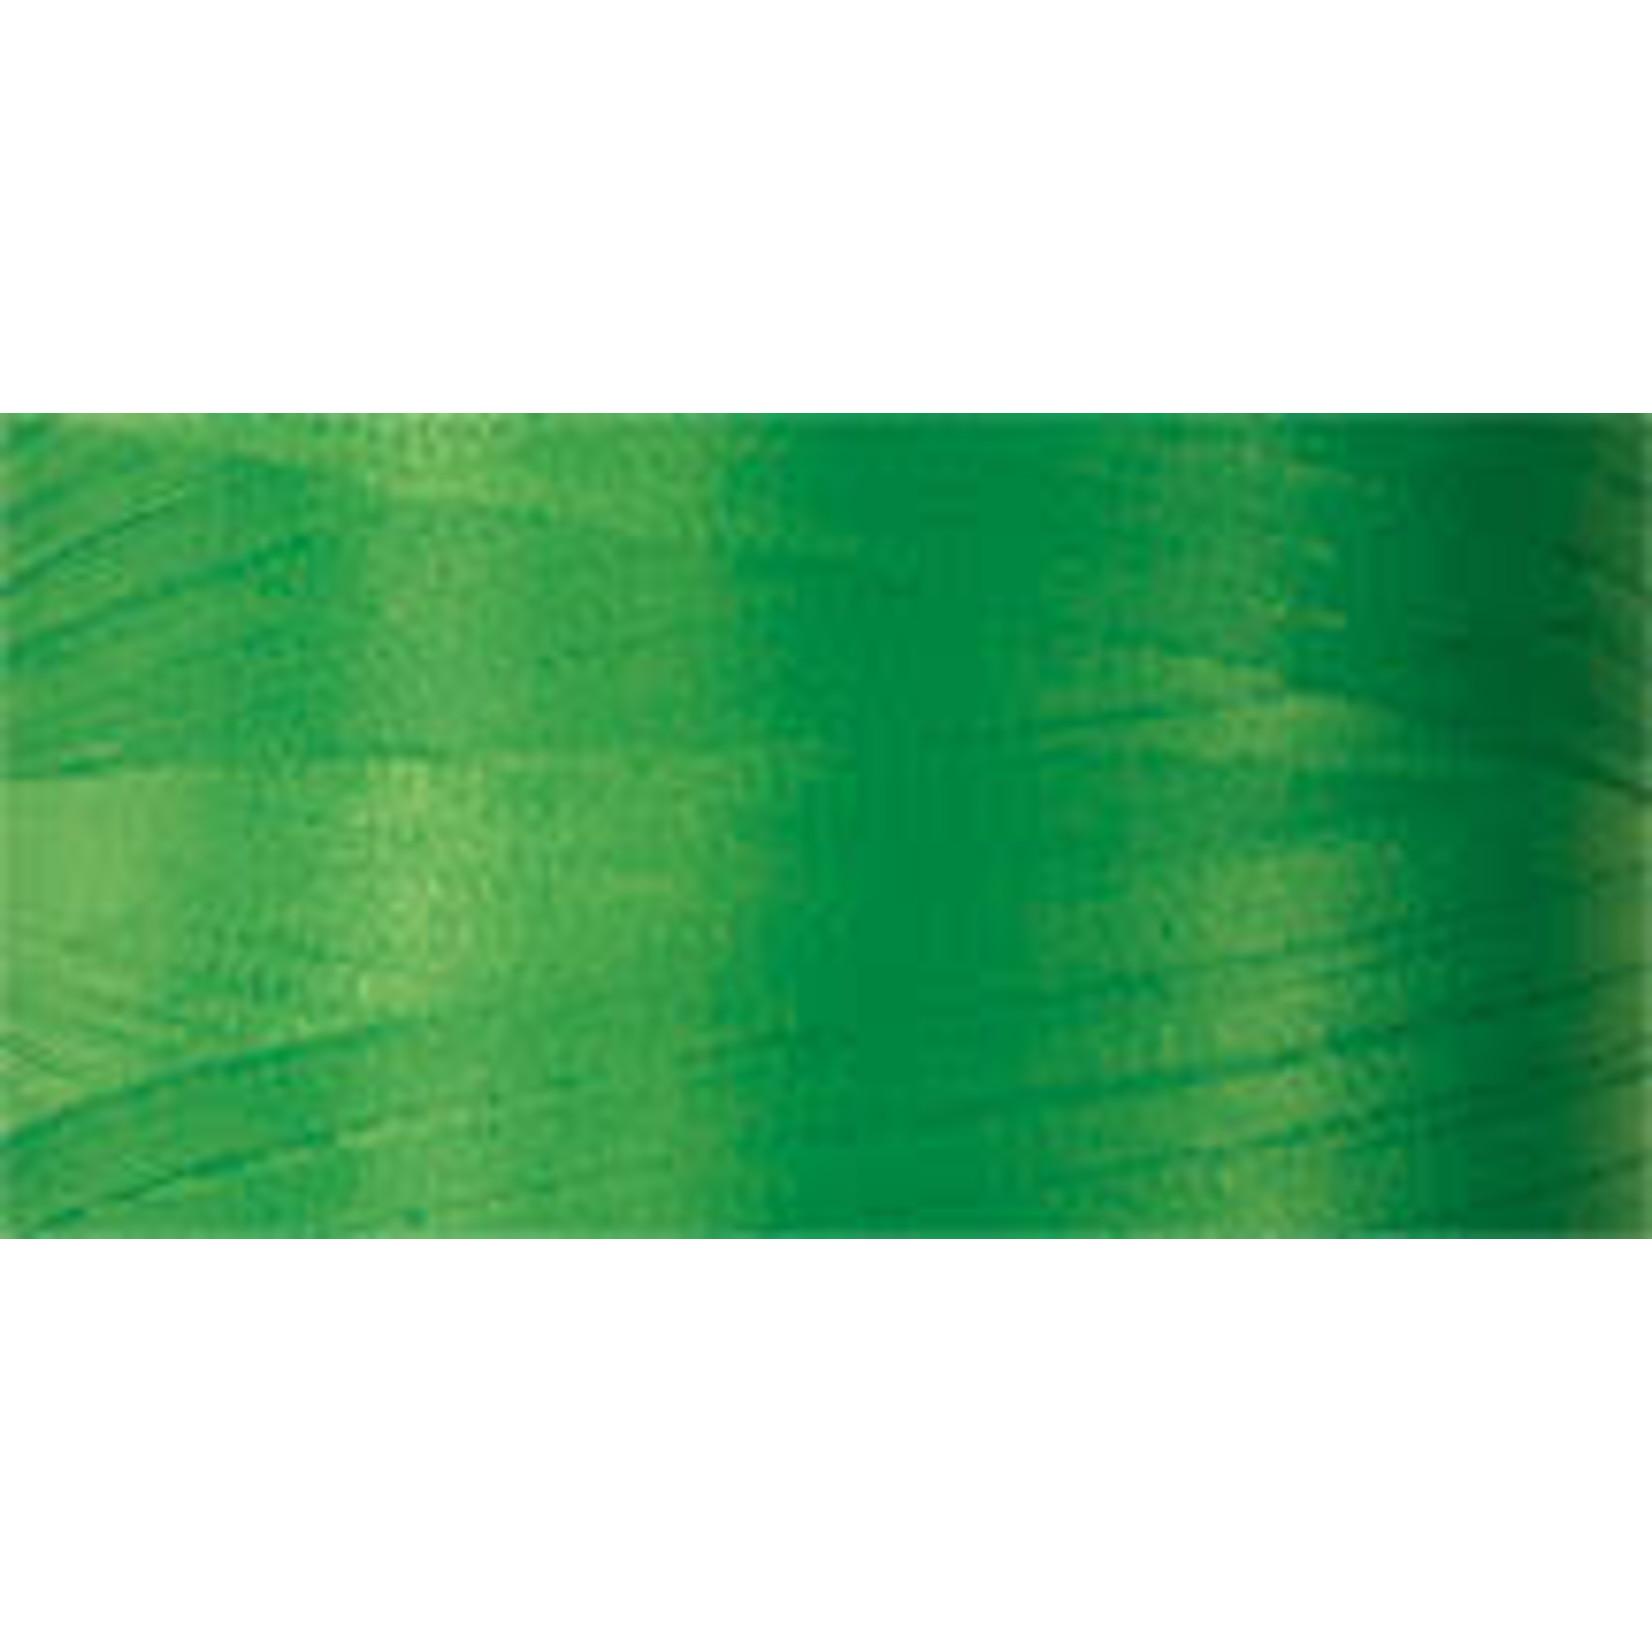 Superior Threads Bottom Line - #60 - 1300 m - 645 Bright Green